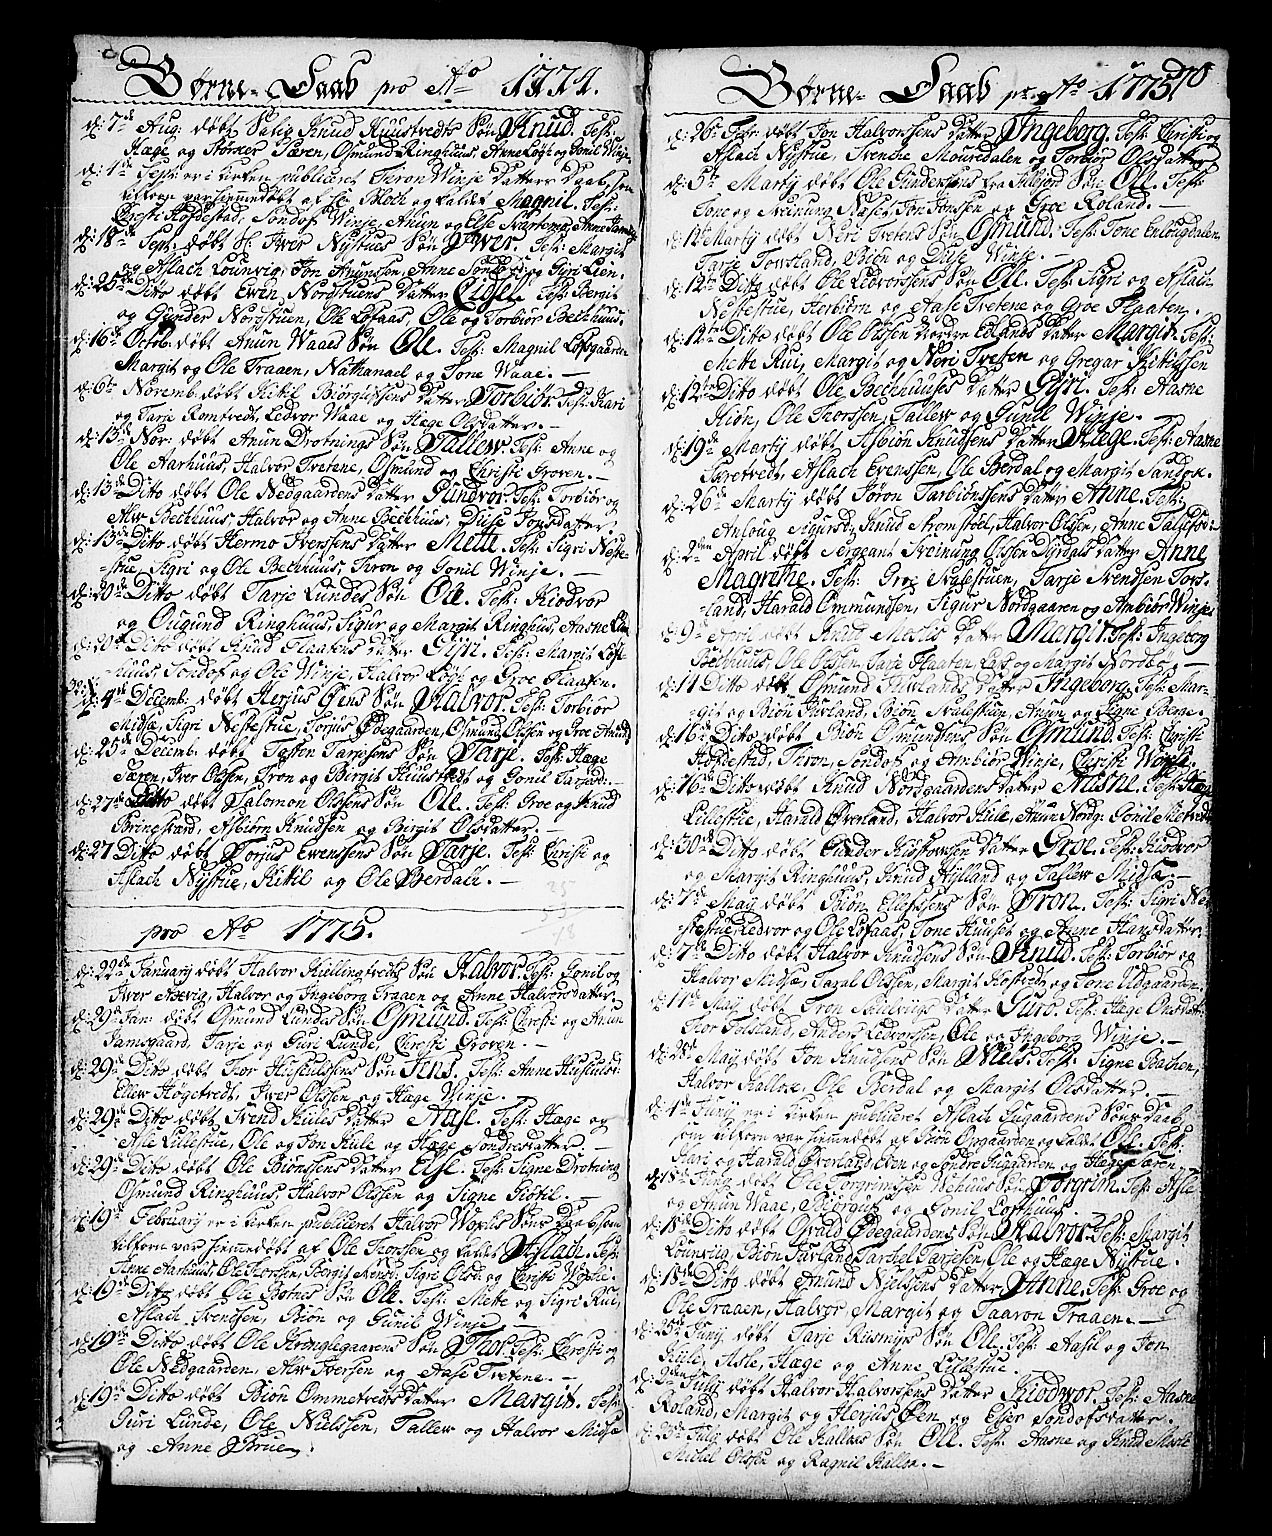 SAKO, Vinje kirkebøker, F/Fa/L0002: Ministerialbok nr. I 2, 1767-1814, s. 70